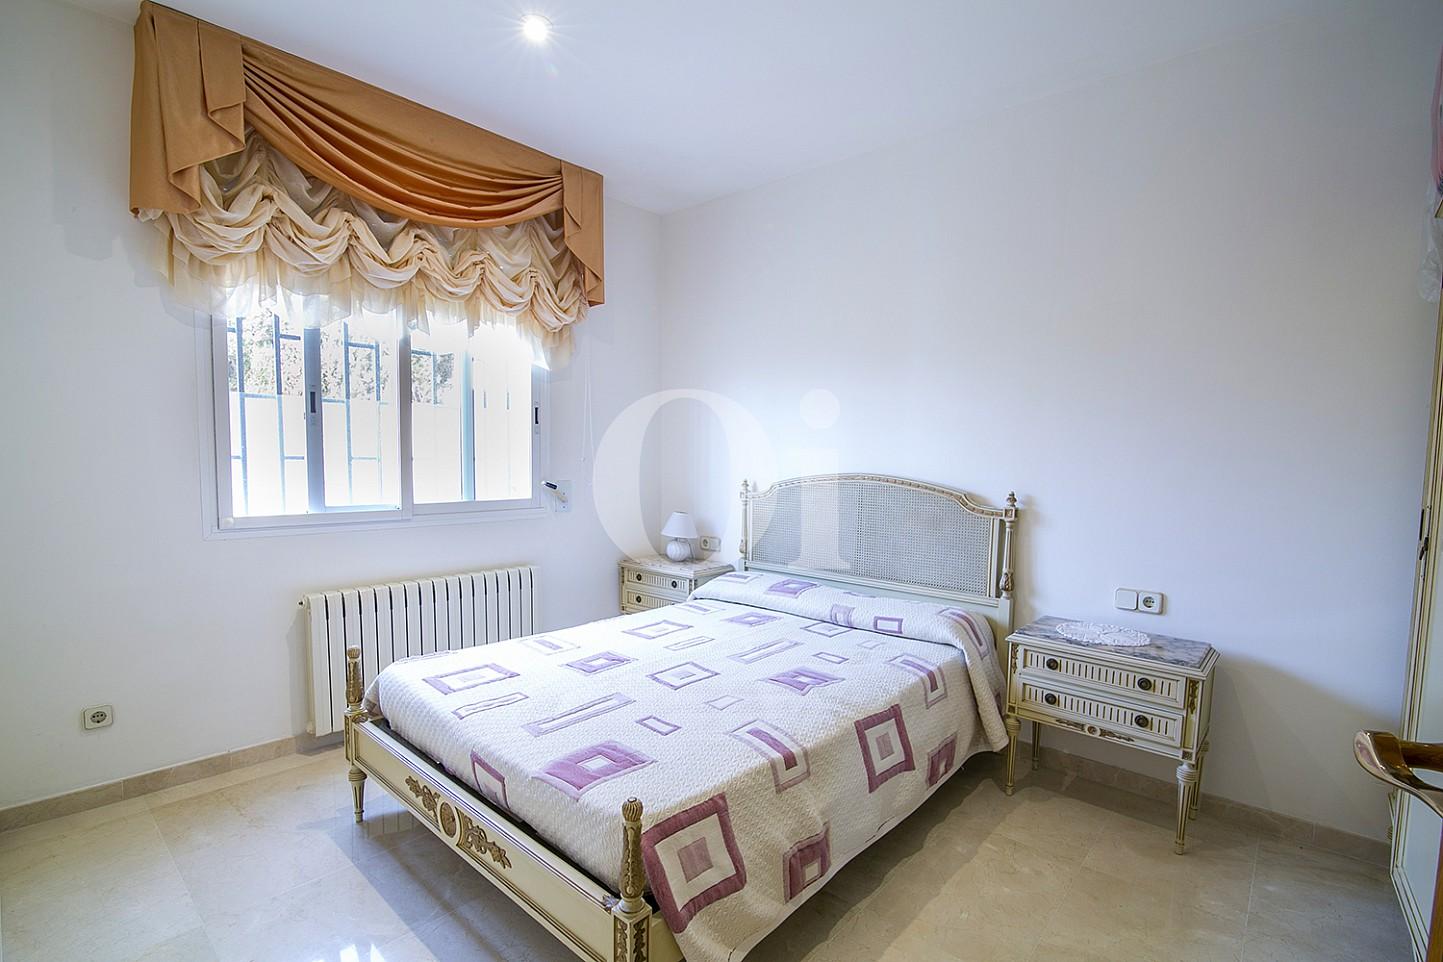 Светлая спальня эксклюзивного жилья на Mas Ram в Бадалоне